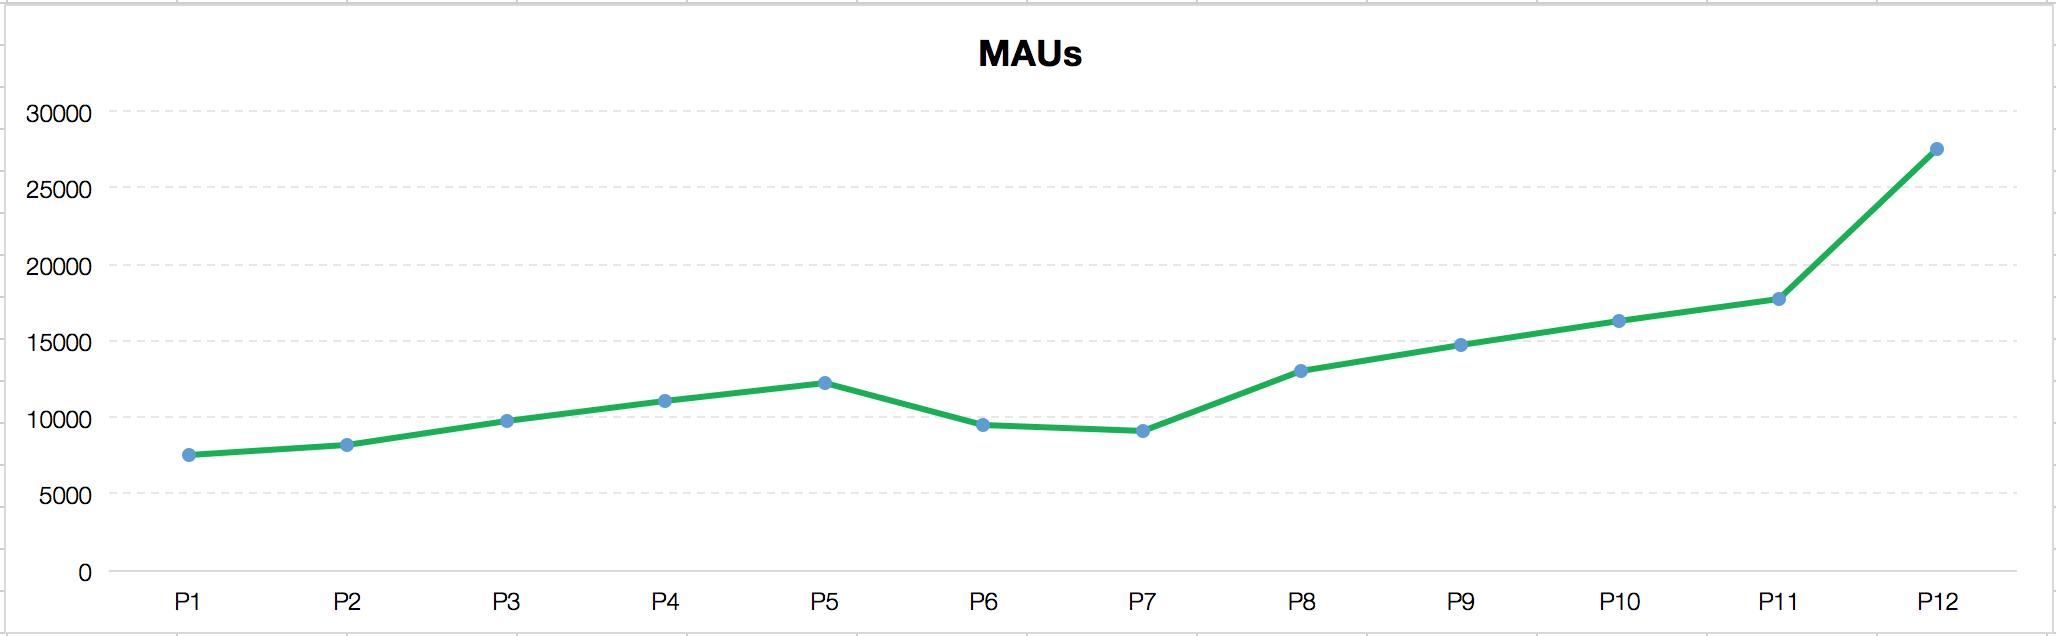 MAU growth chart